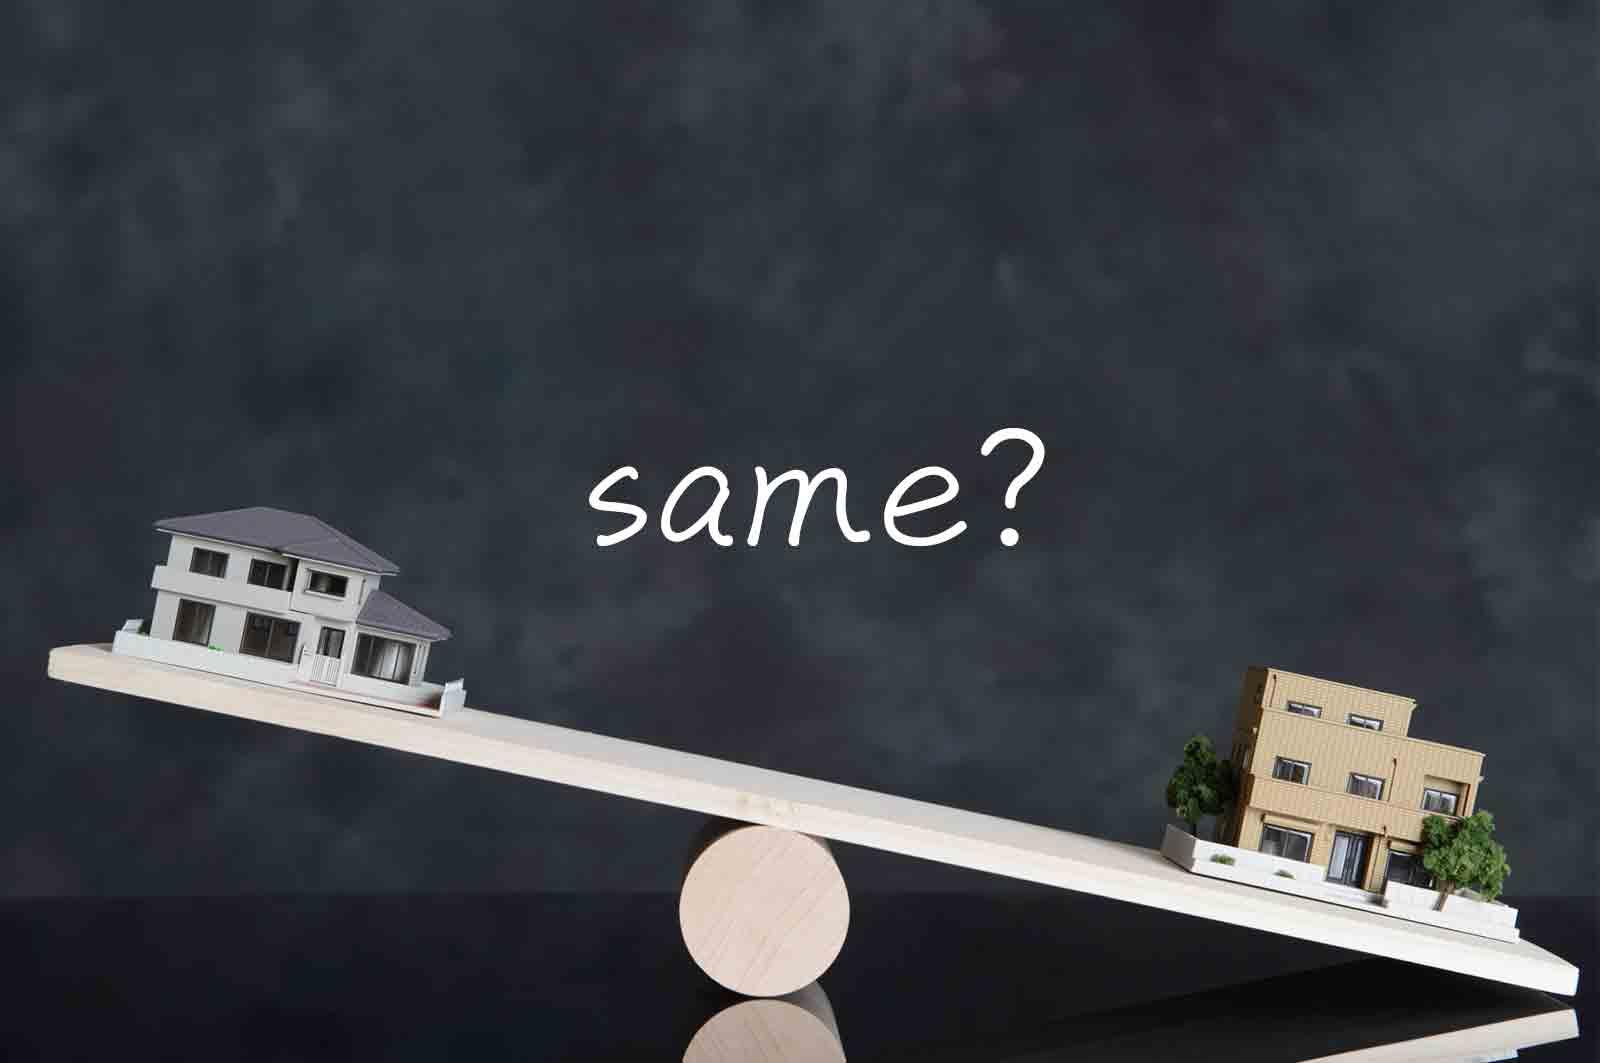 同等の仕様と同等の素材になっているか